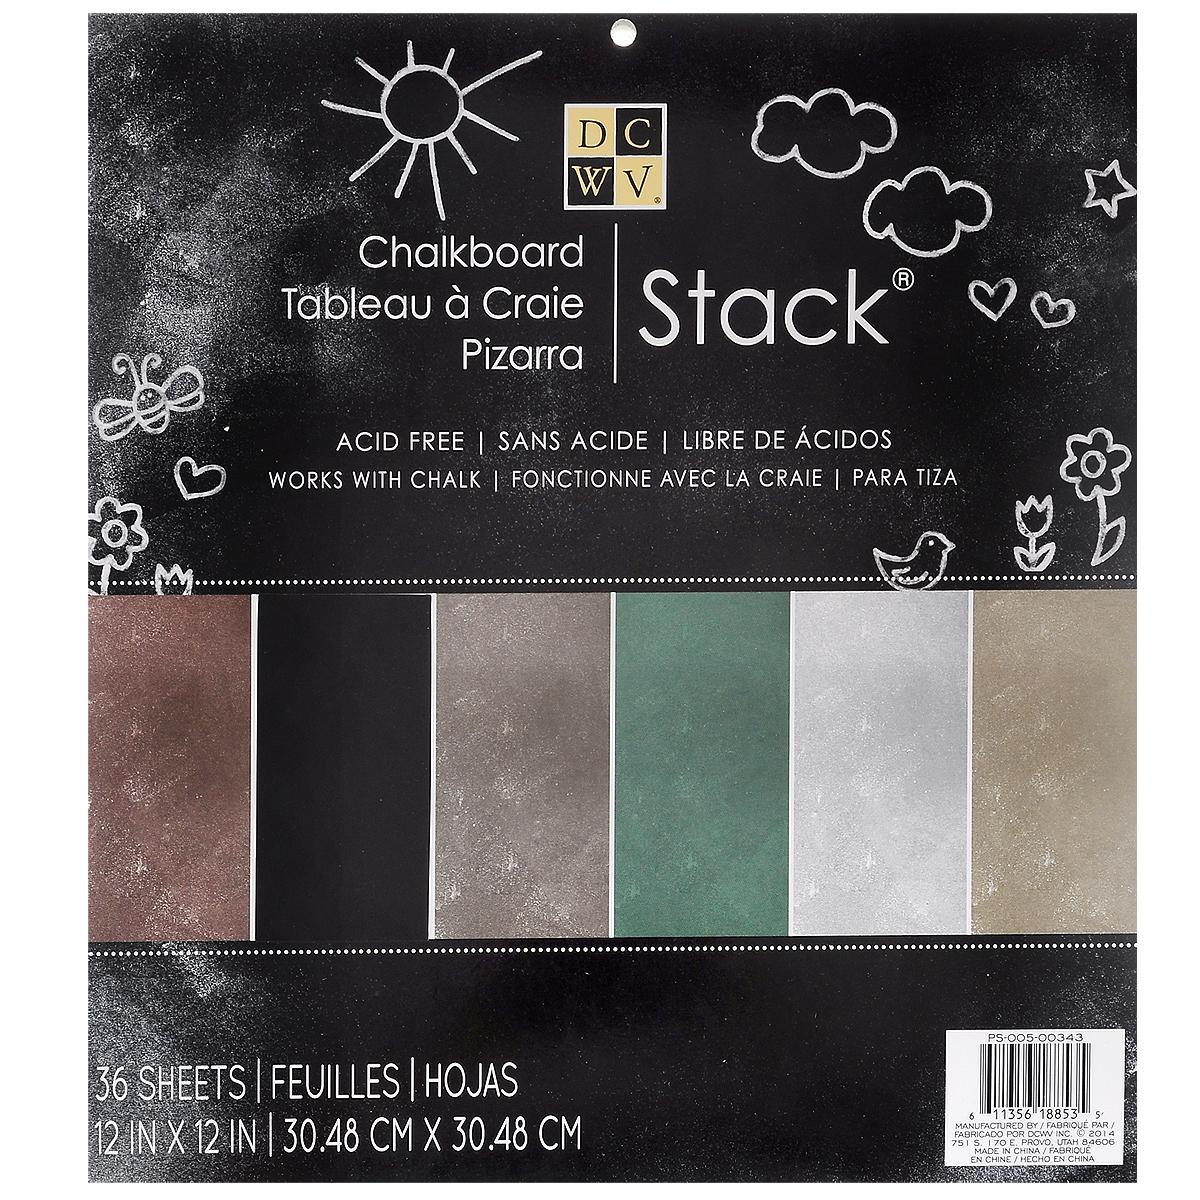 Набор бумаги для скрапбукинга Chalkboard Stack, 36 листовPS-005-00343Набор матовой бумаги Chalkboard Stack позволит создавать всевозможные аппликации и поделки. Набор включает бумагу следующих цветов: черный, коричневый, темно-коричневый, зеленый, серый и болотный. Создание поделок из цветной бумаги поможет ребенку развить творческие способности, кроме того, это увлекательный досуг для детей и взрослых. Скрапбукинг - это хобби, которое способно приносить массу приятных эмоций не только человеку, который занимается скрапбукингом, но и его близким, друзьям, родным. Это невероятно увлекательное занятие, которое поможет вам сохранить наиболее памятные и яркие моменты вашей жизни для вас и даже ваших потомков. В набор входит 16 листов из плотного кардстока с двухсторонней печатью. Размер листа: 30,4 см х 30,4 см.